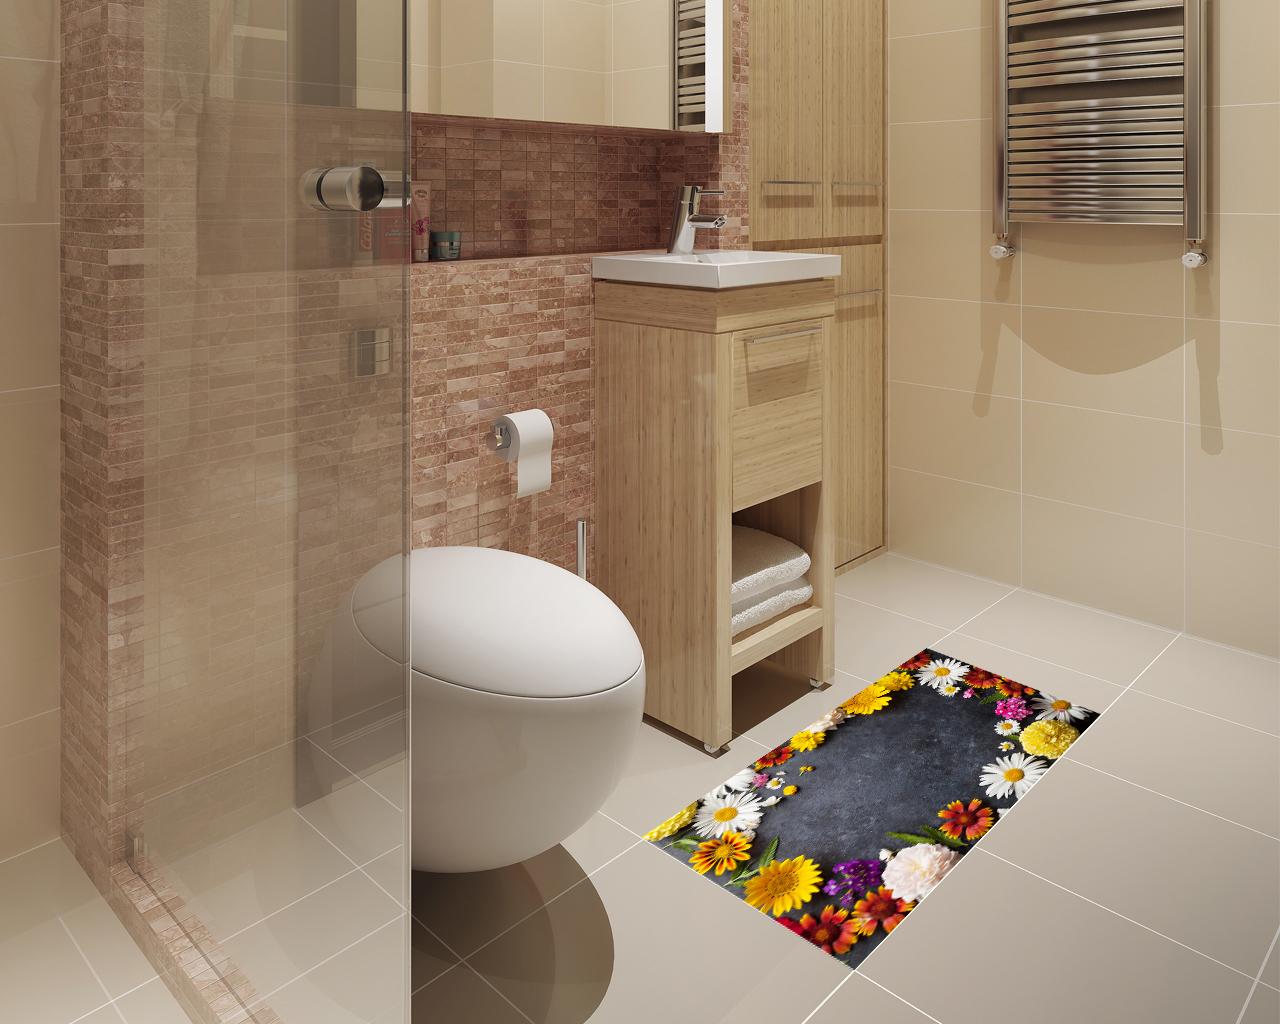 Adesivo per pavimento-tra margherite colorate